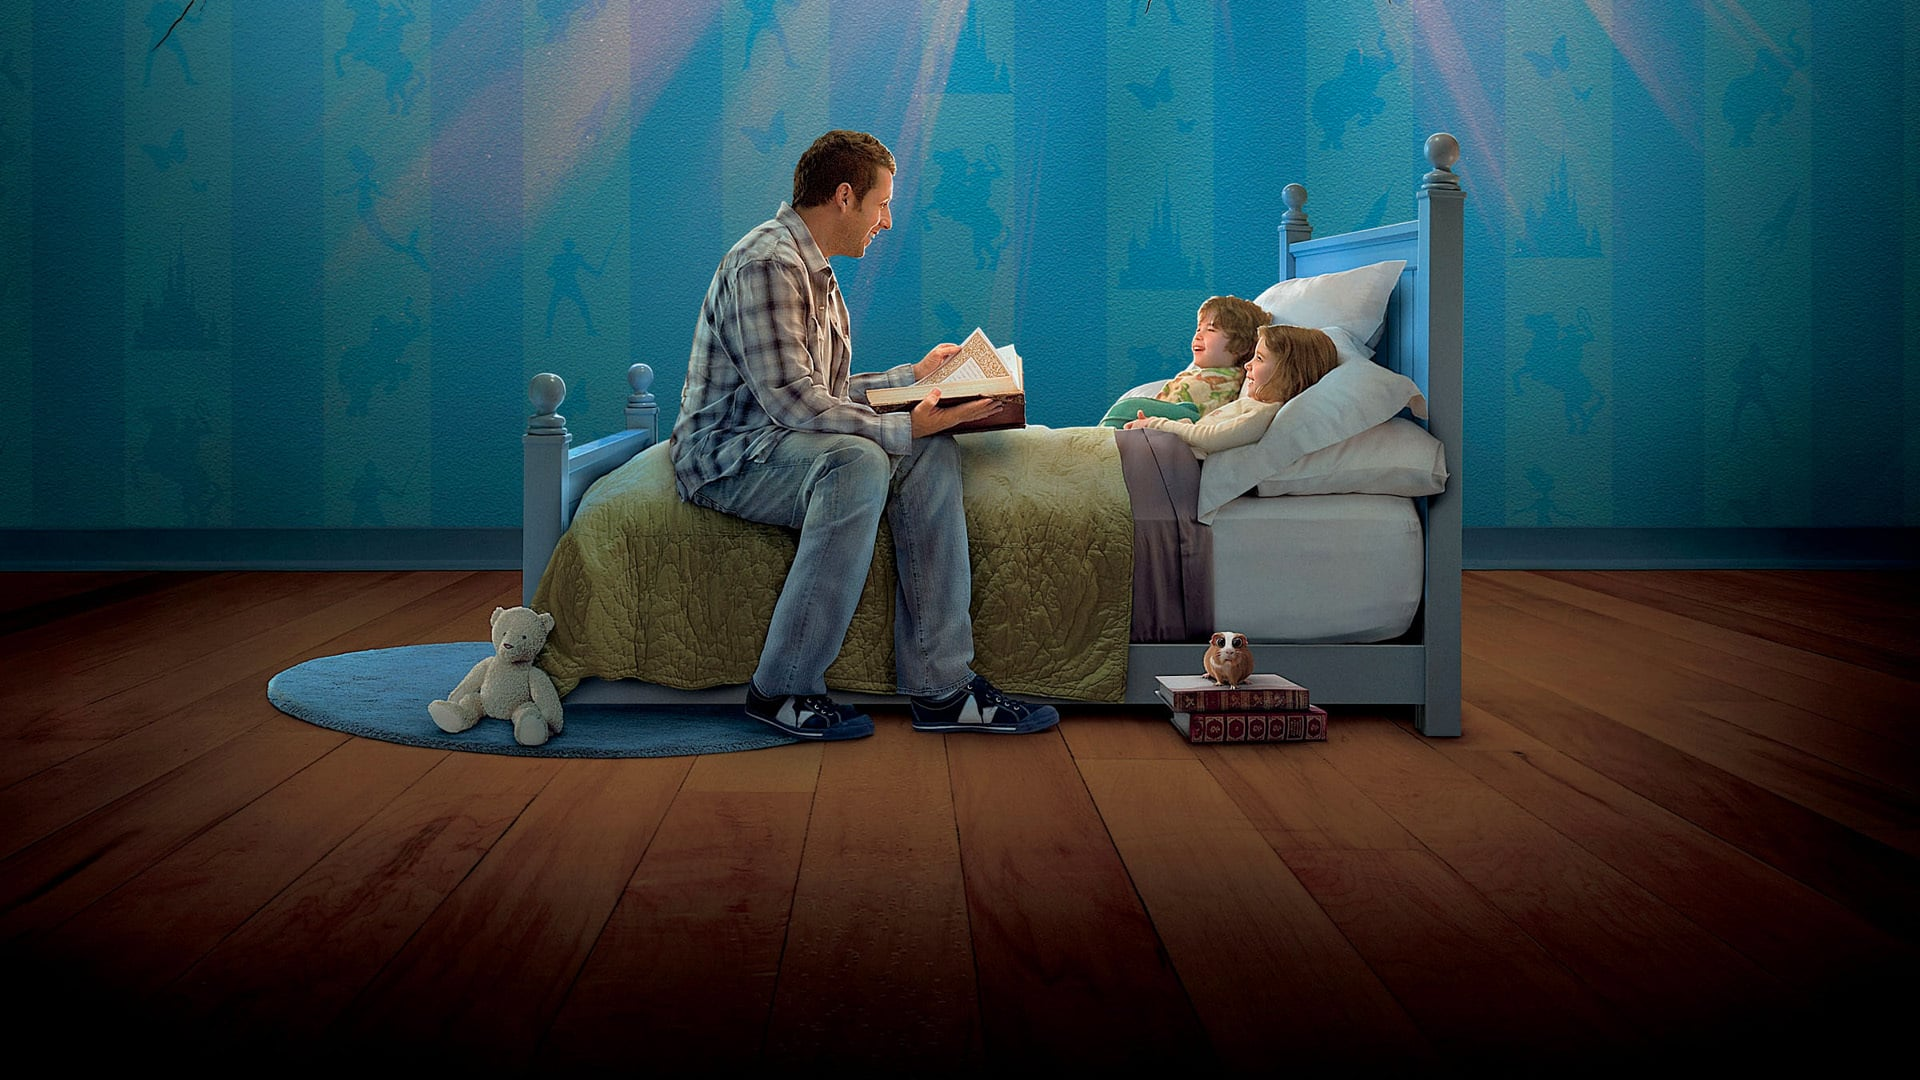 قصص اطفال للنوم قصص للاطفال قصص اطفال جديدة